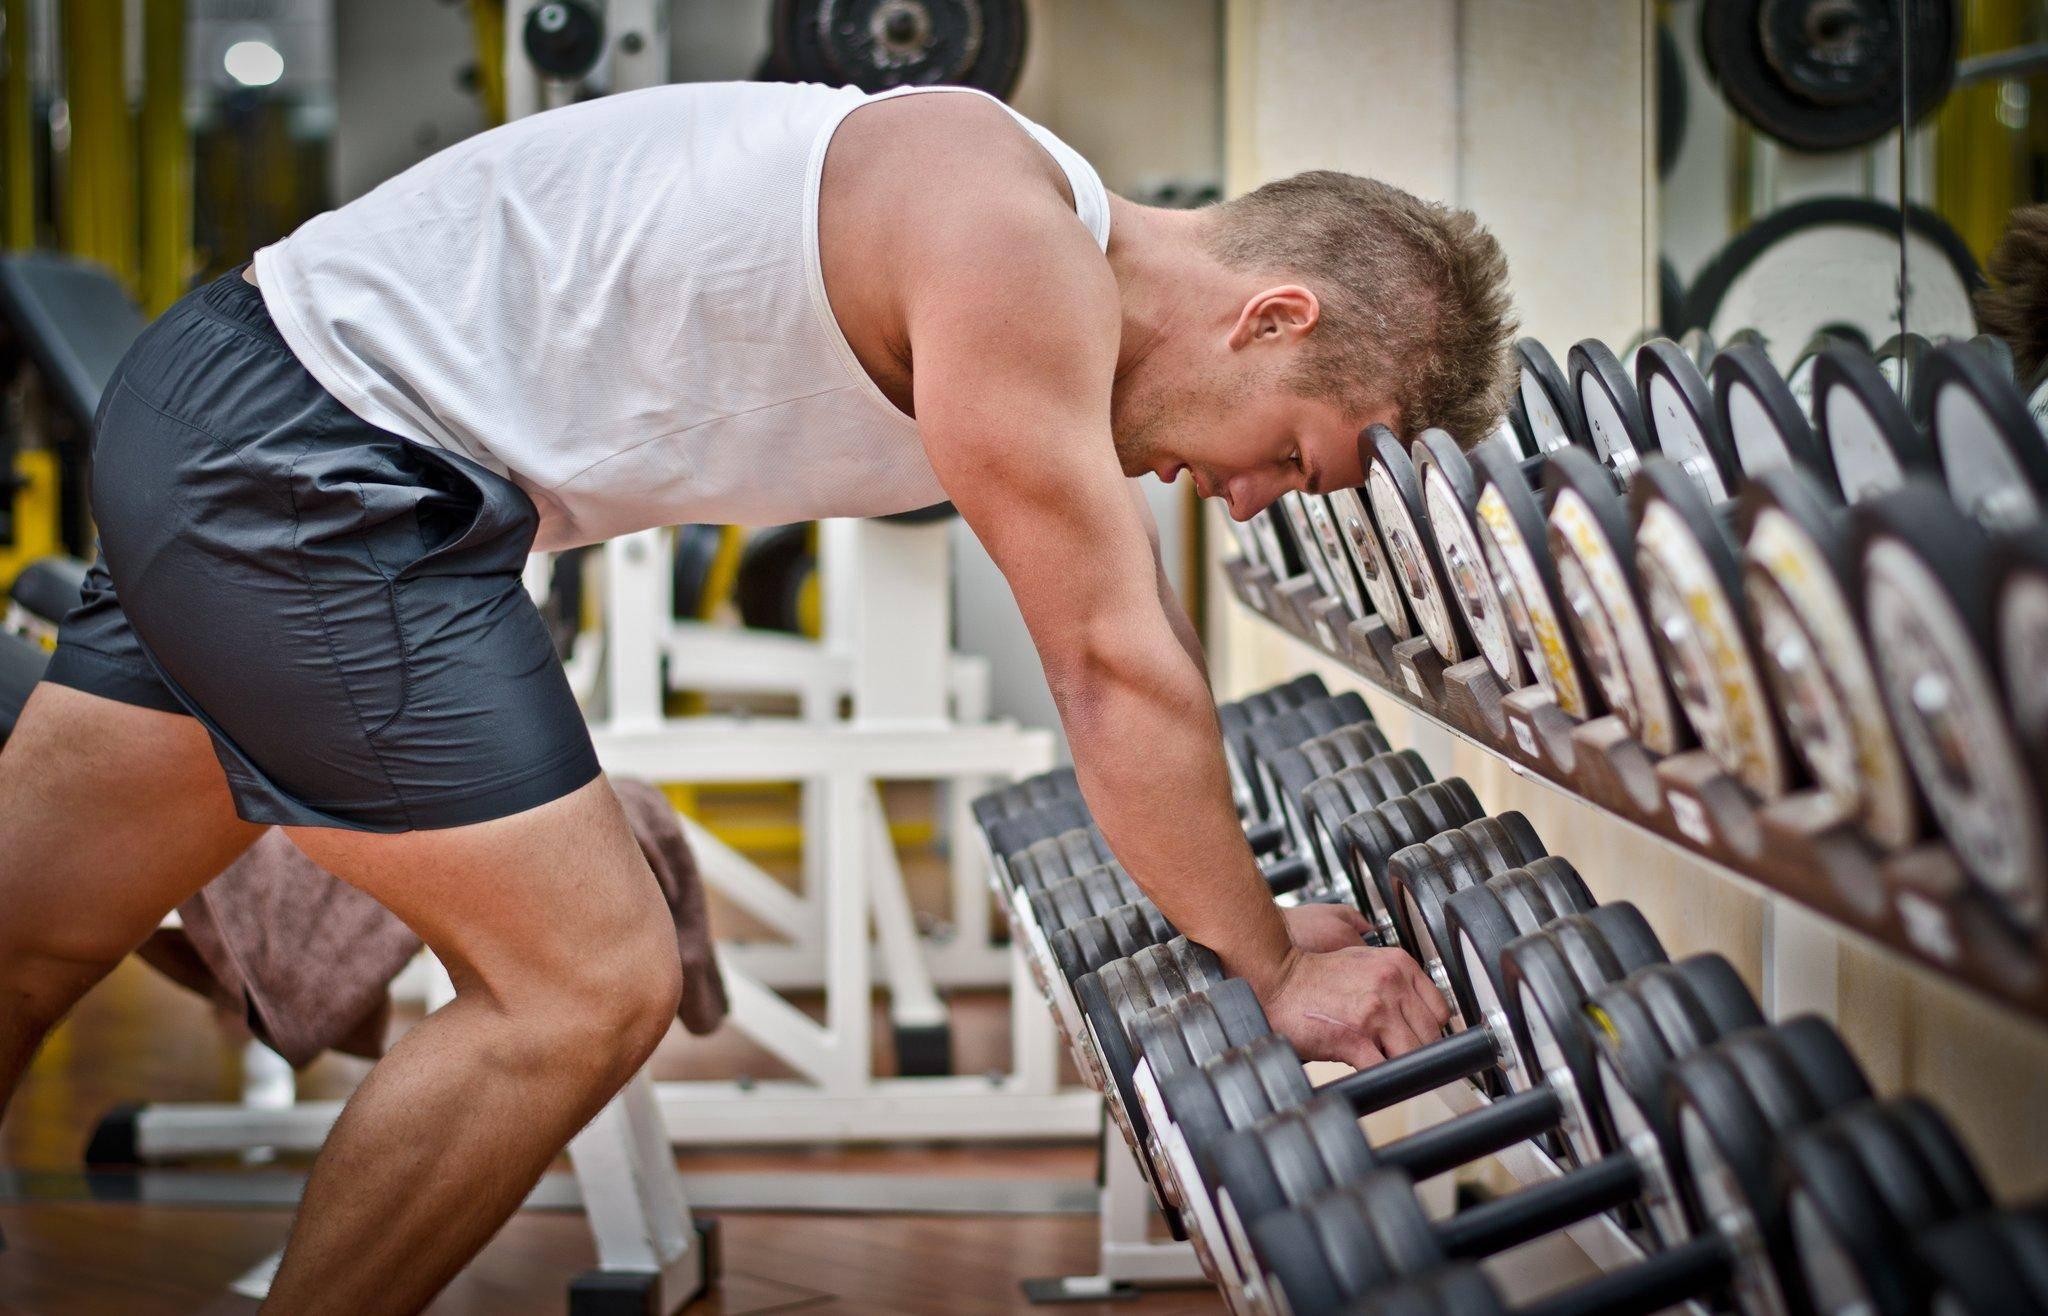 Перерывы в тренировках. как начать заниматься в зале после перерыва